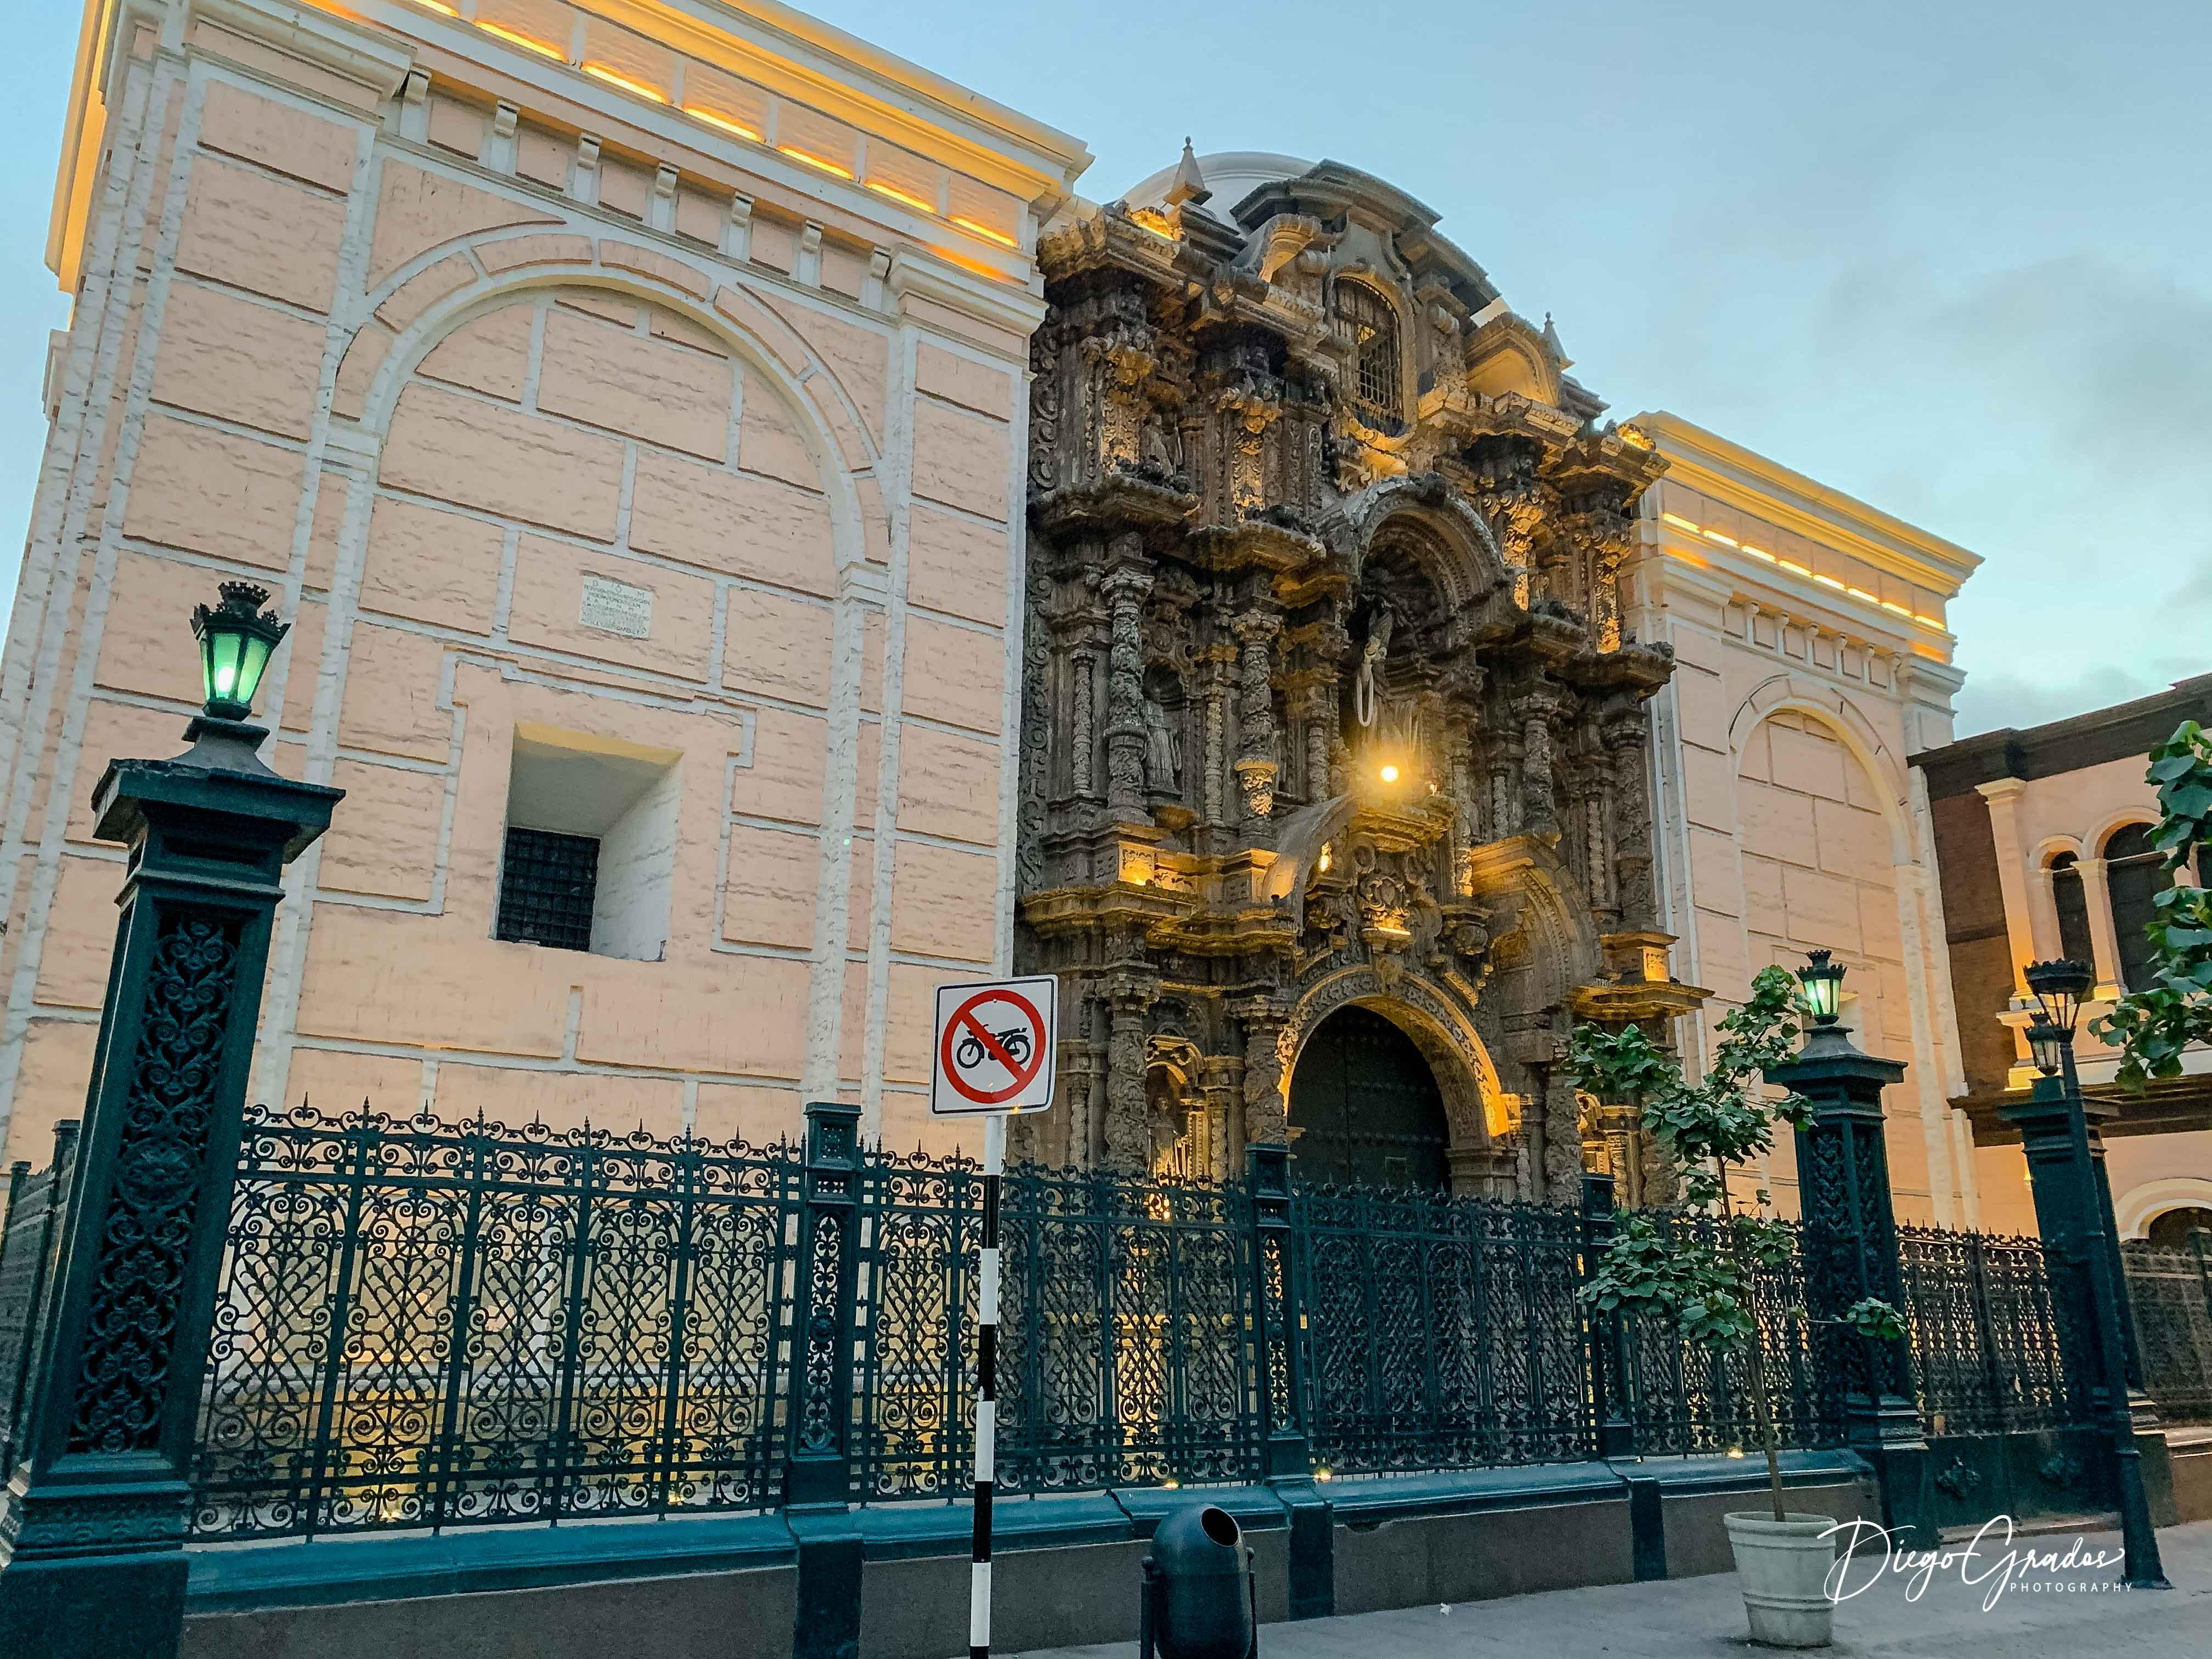 La Basílica Menor y Convento de San Agustín es otro de los antiguos templos de la capital. Destaca por no tener campanarios altos, como si lo tienen otras iglesias de la ciudad. Junto con la portada de La Merced, son los únicos dos portadas de estilo barroco churrigueresco que quedan en Lima.